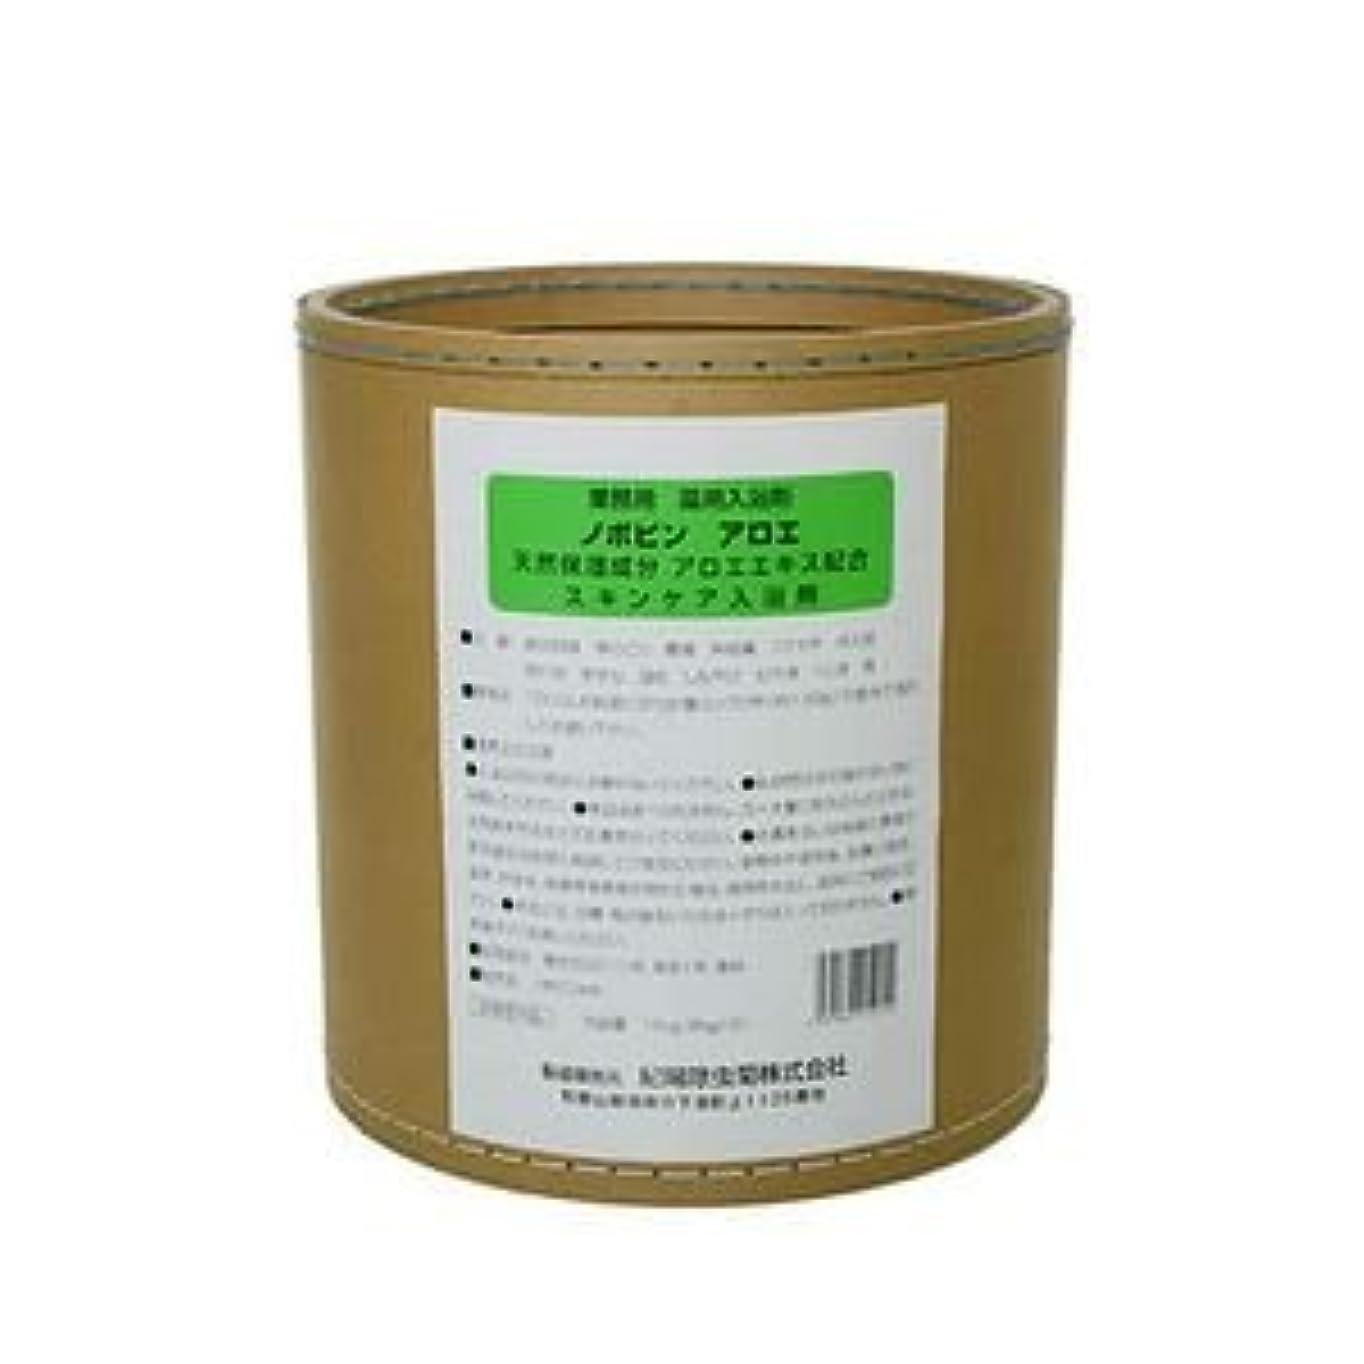 確認してくださいトランジスタ修正する業務用 バス 入浴剤 ノボピン アロエ 16kg(8kg+2)